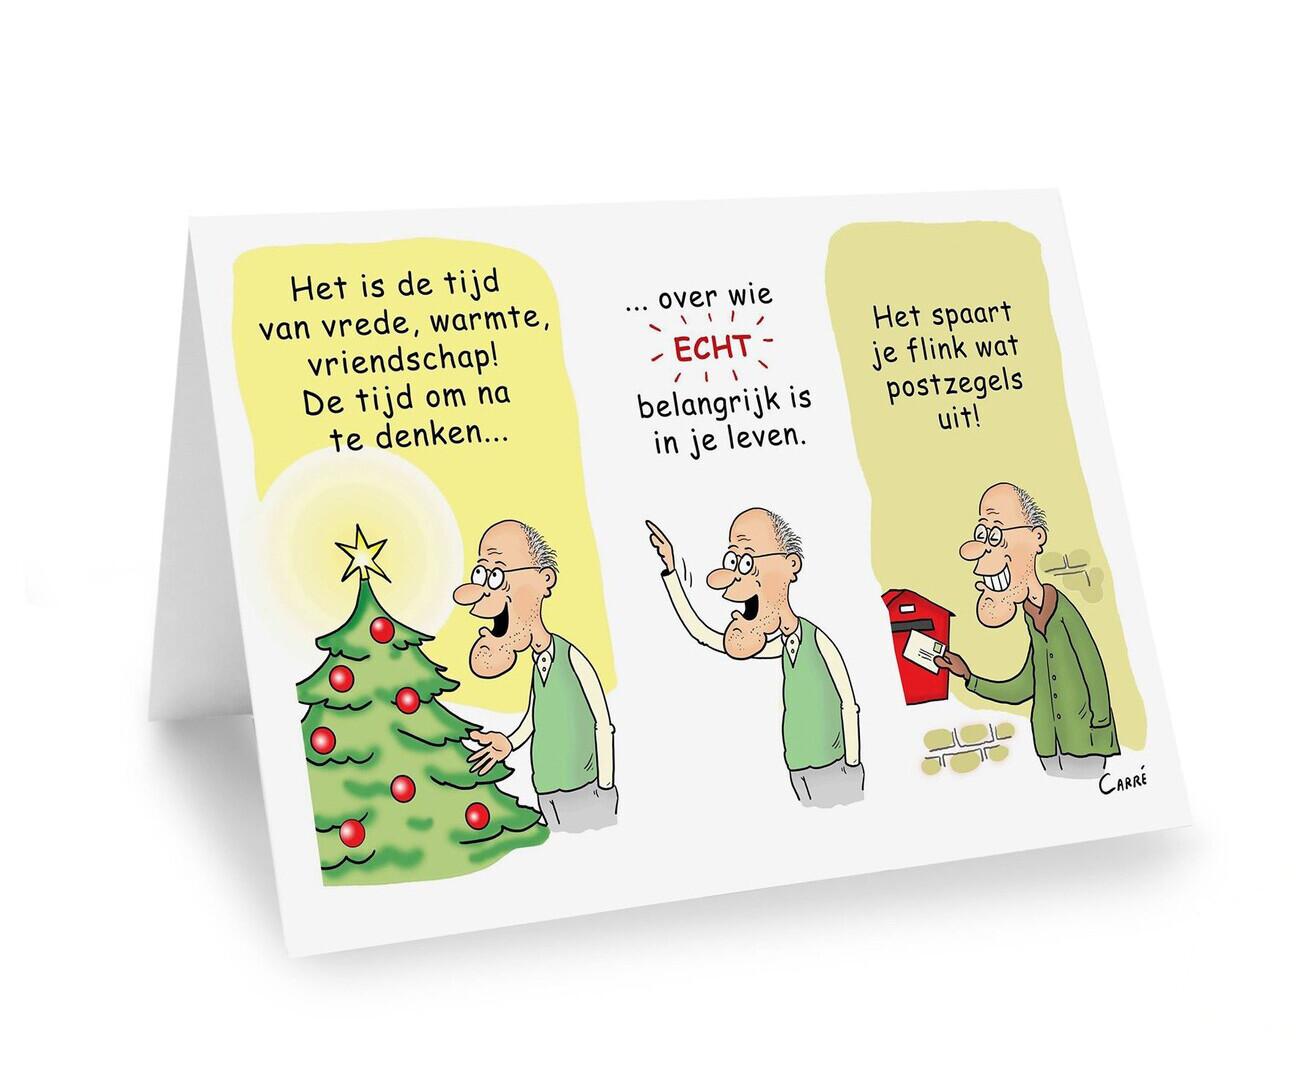 Kerst- en Nieuwjaarskaart Voor wie echt belangrijk is. (geplooide kaart ZONDER omslag)